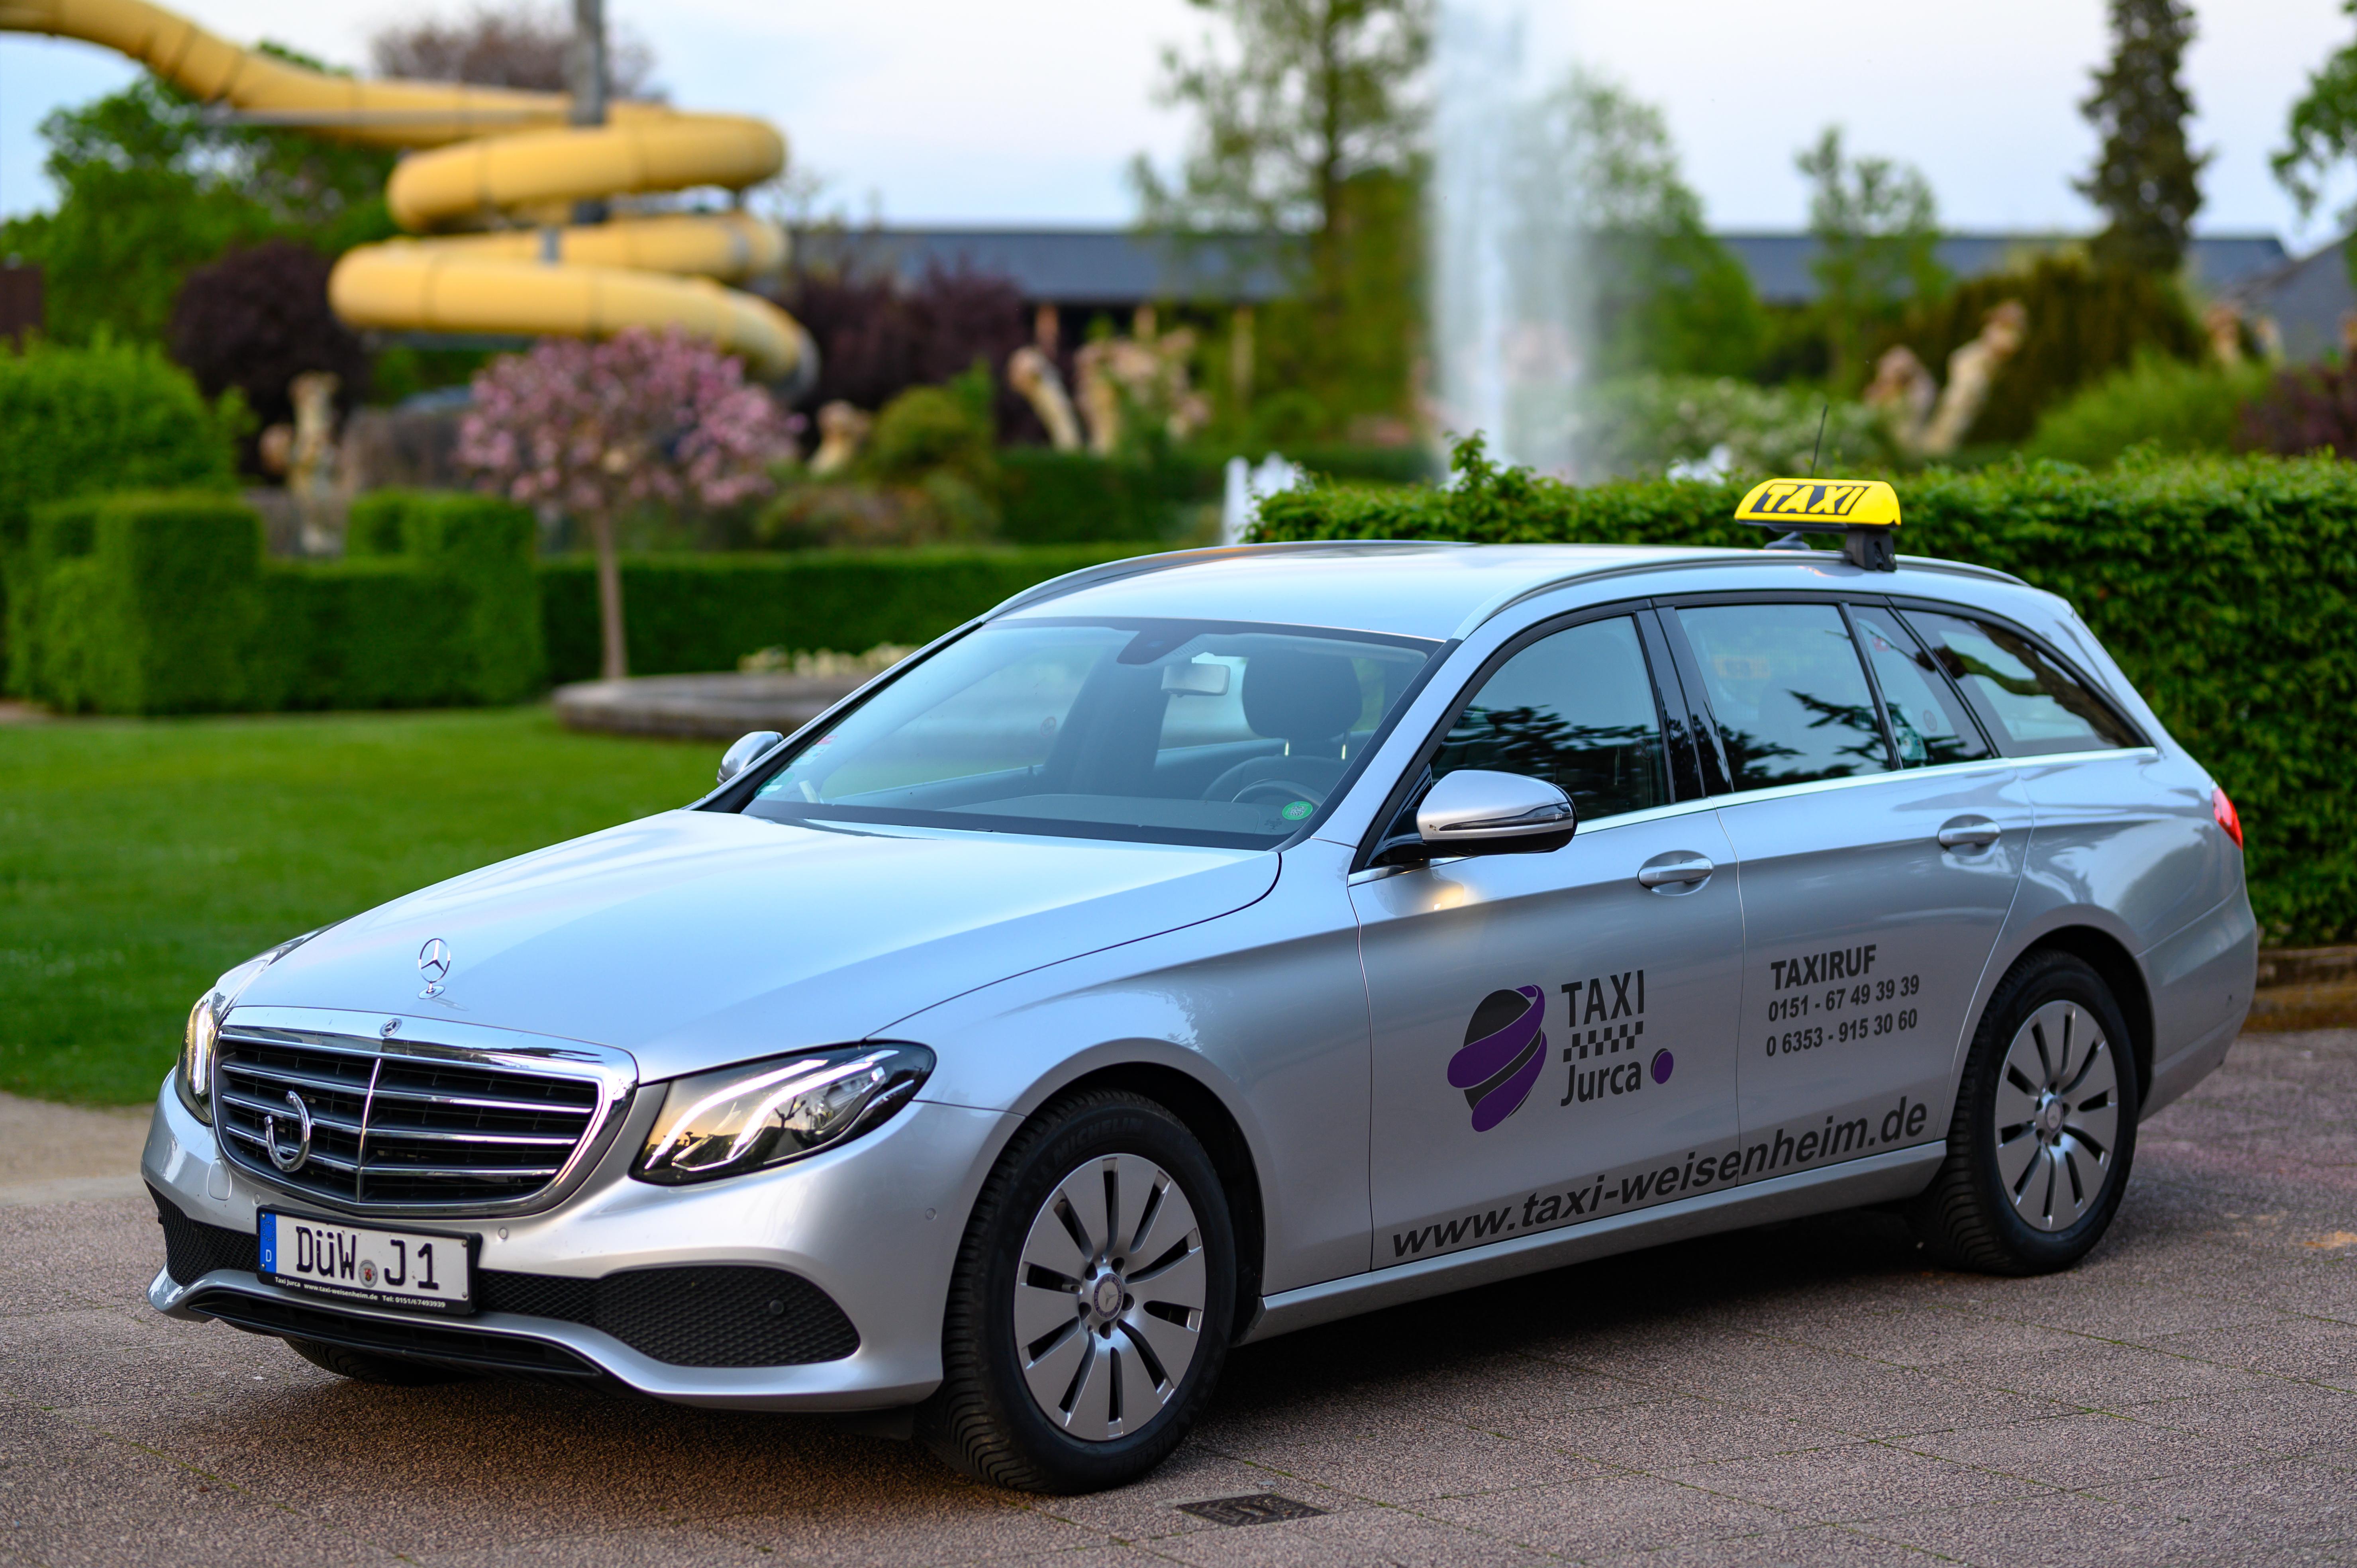 Taxi63.jpg